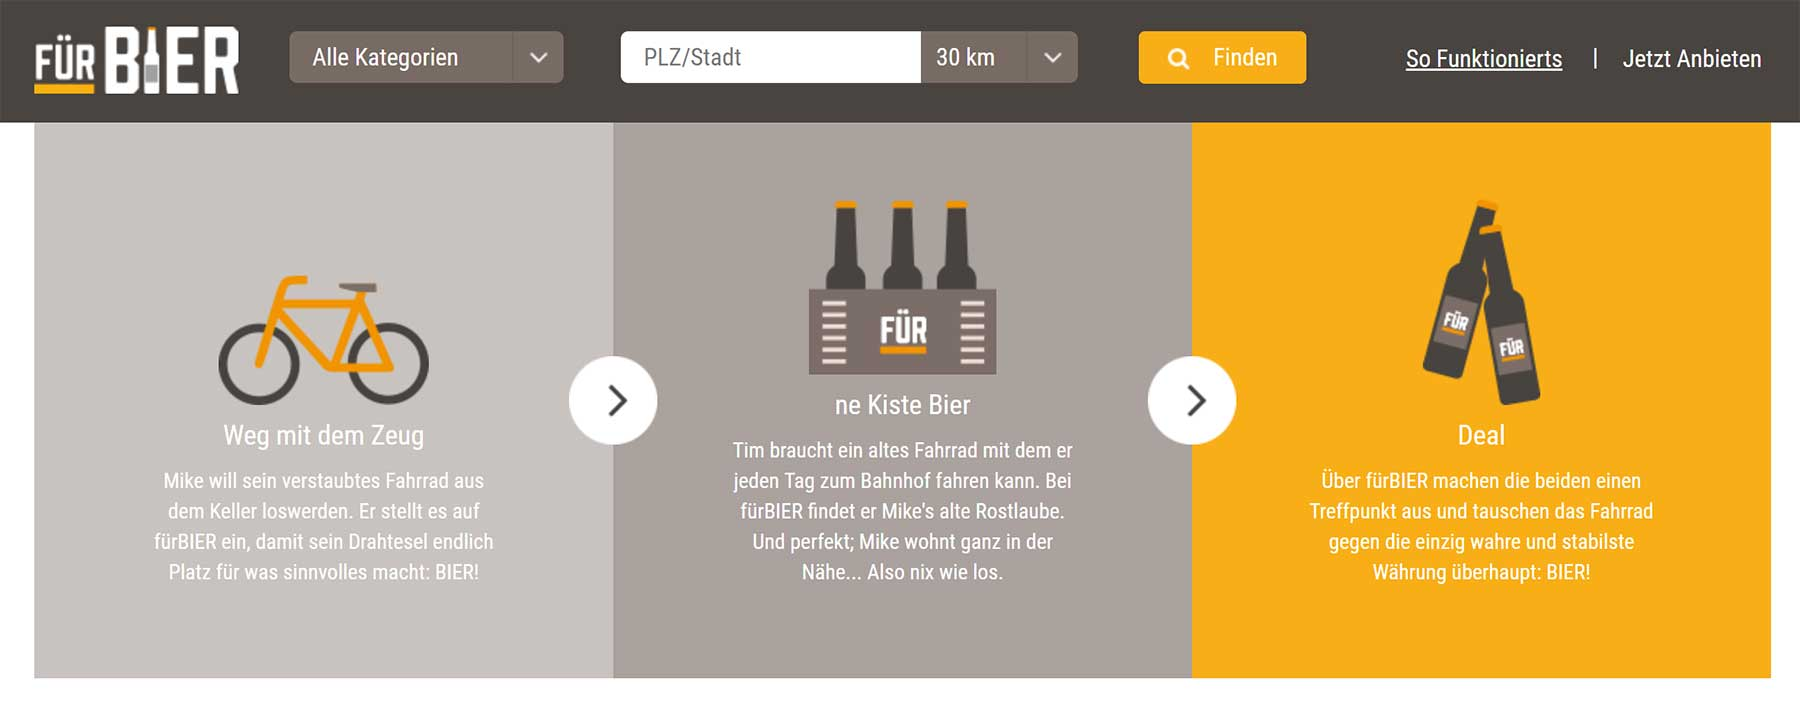 Auf fürBier.de kann man alten Kram gegen Bier eintauschen